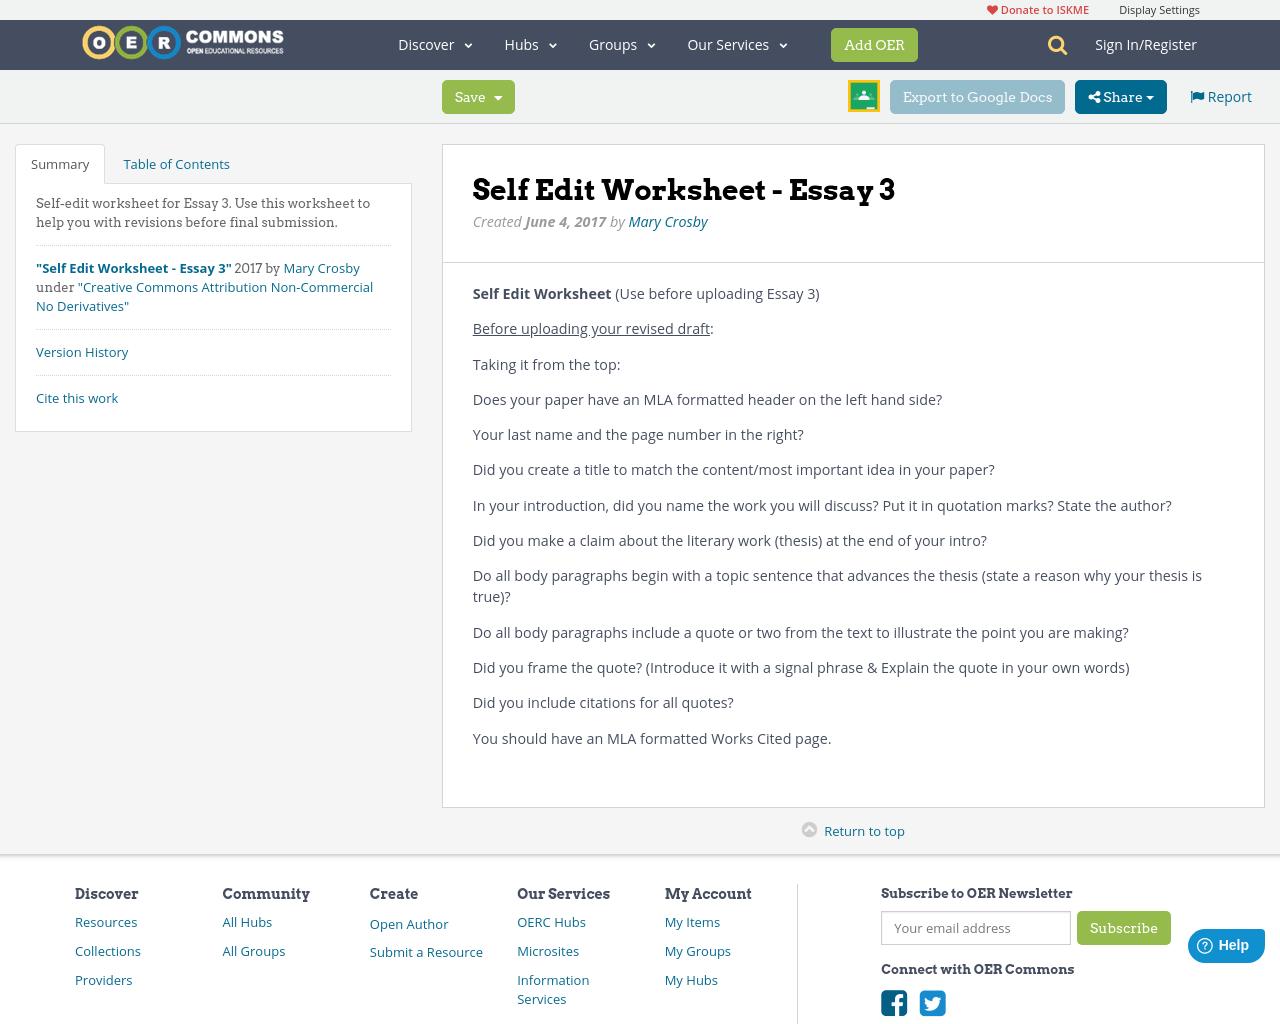 Self Edit Worksheet